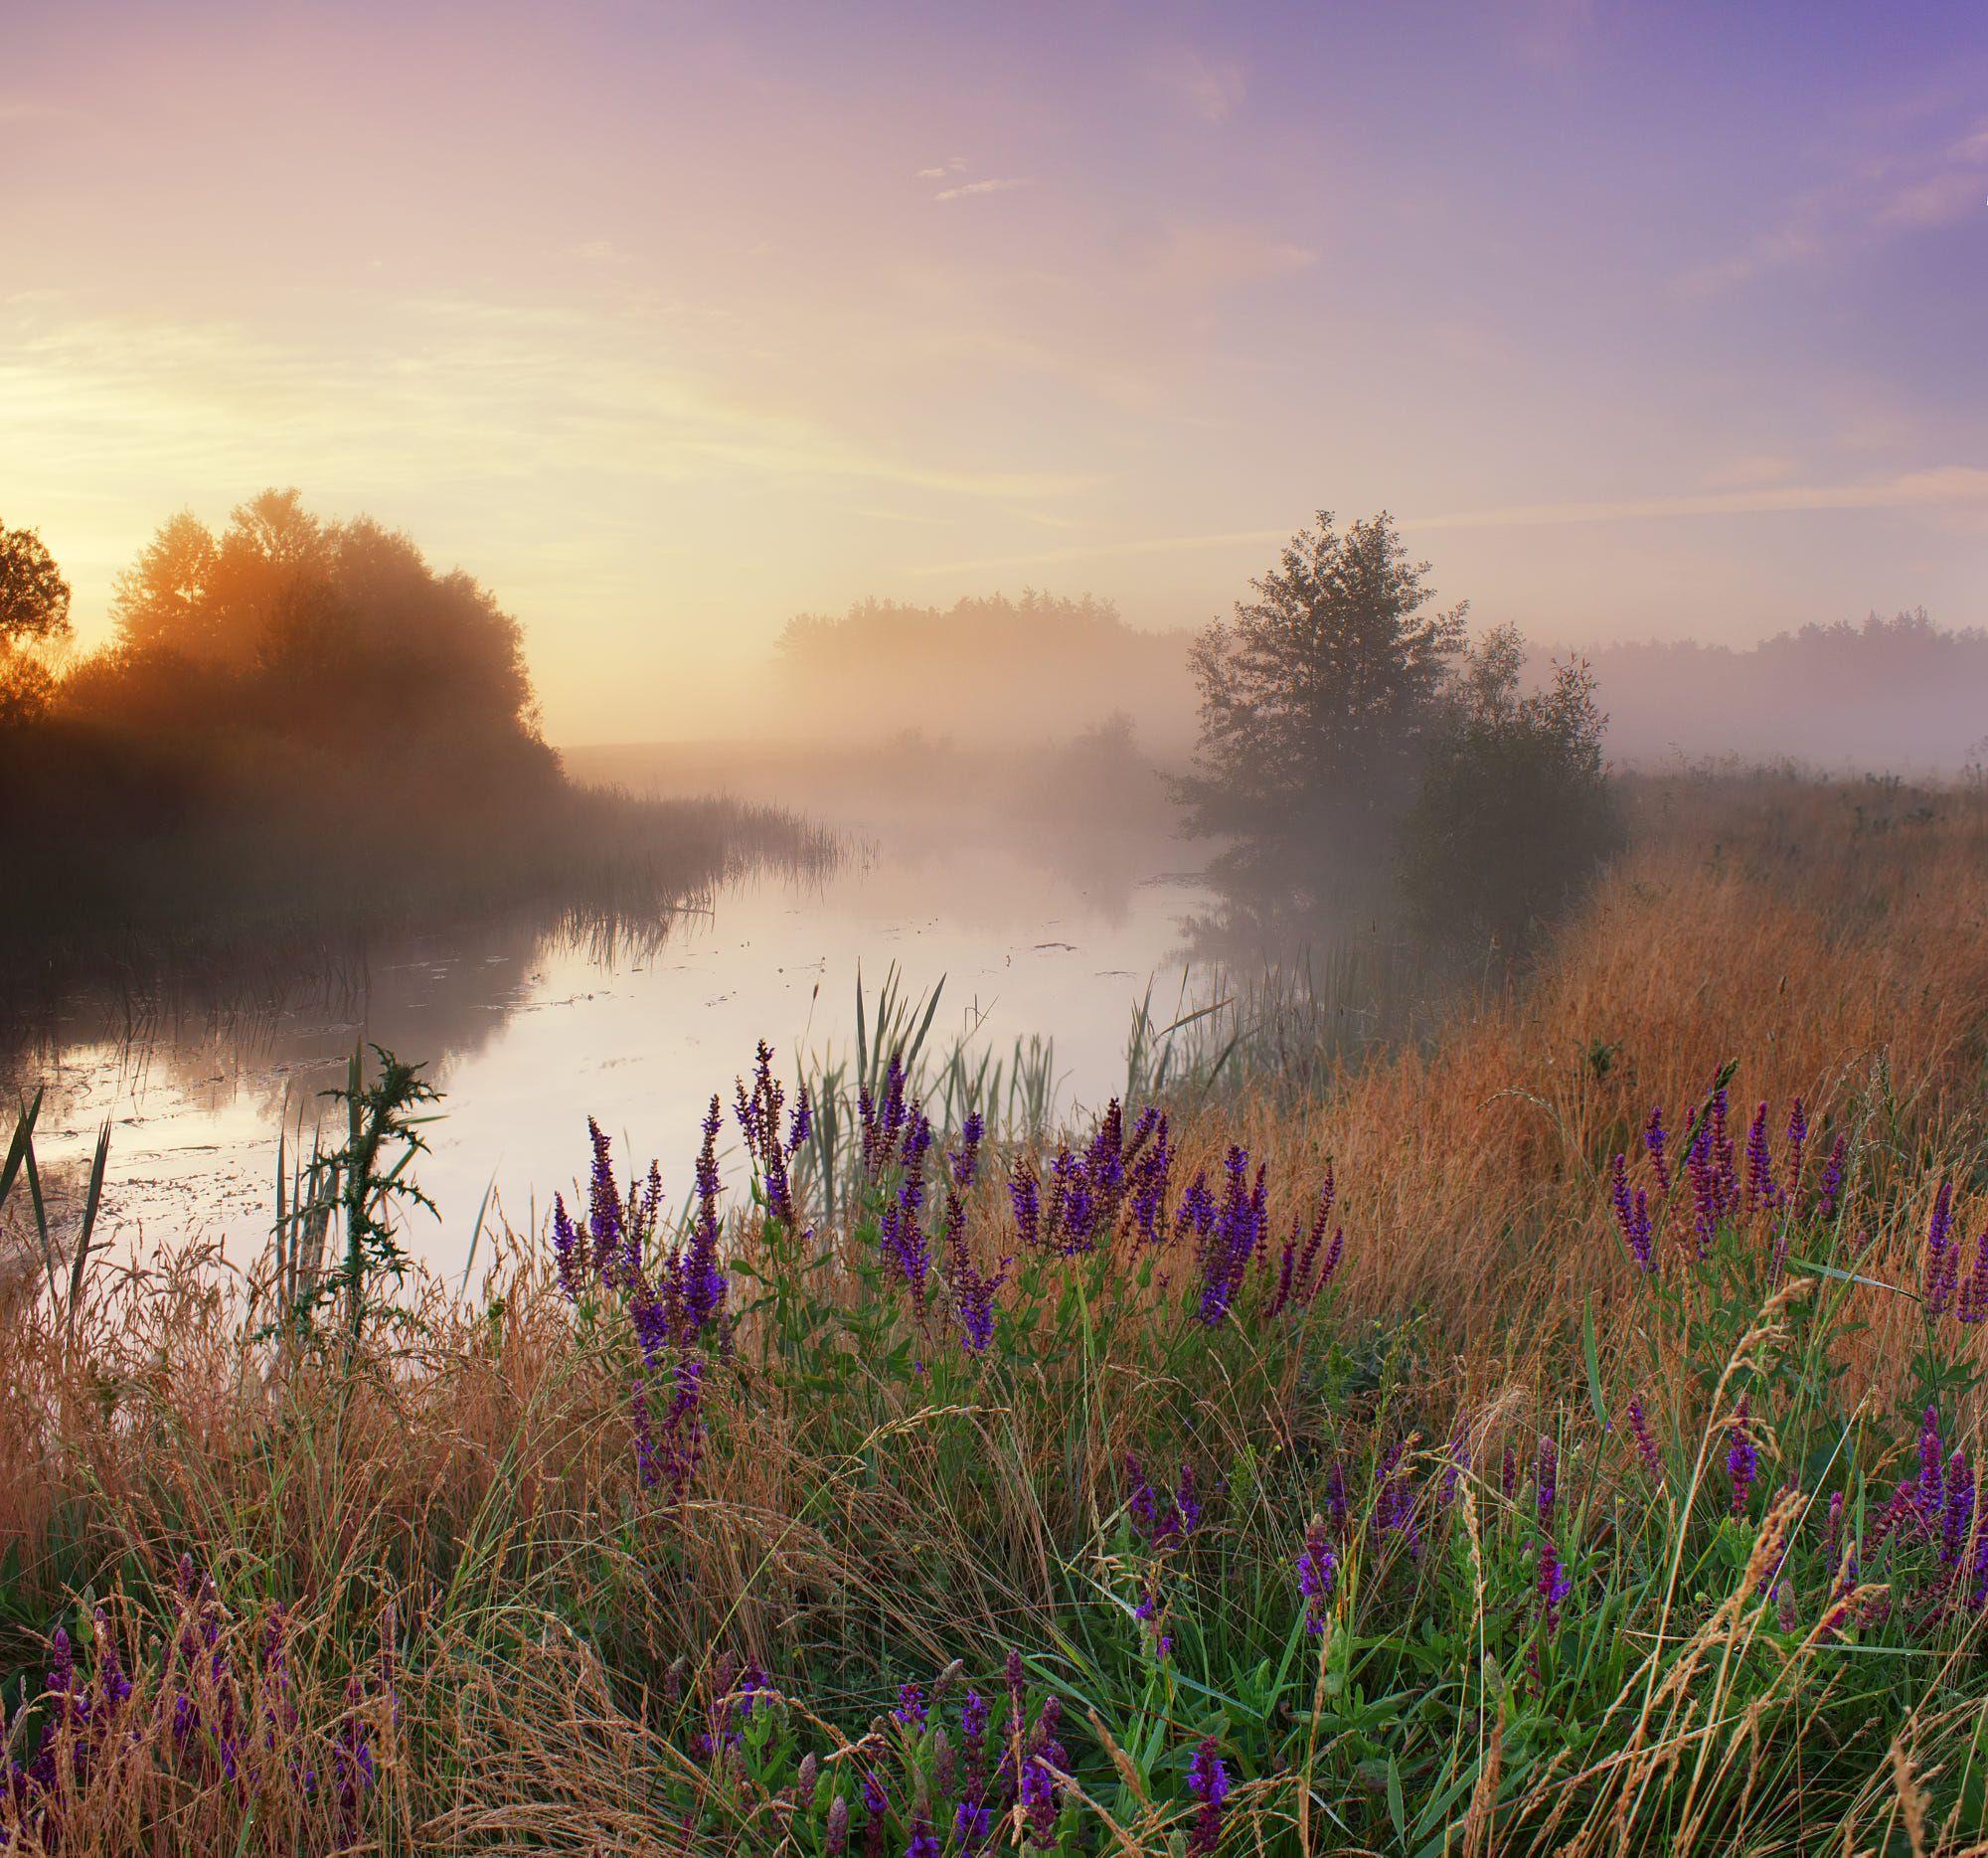 картинки утренний летний пейзаж ряд особенностей, которые